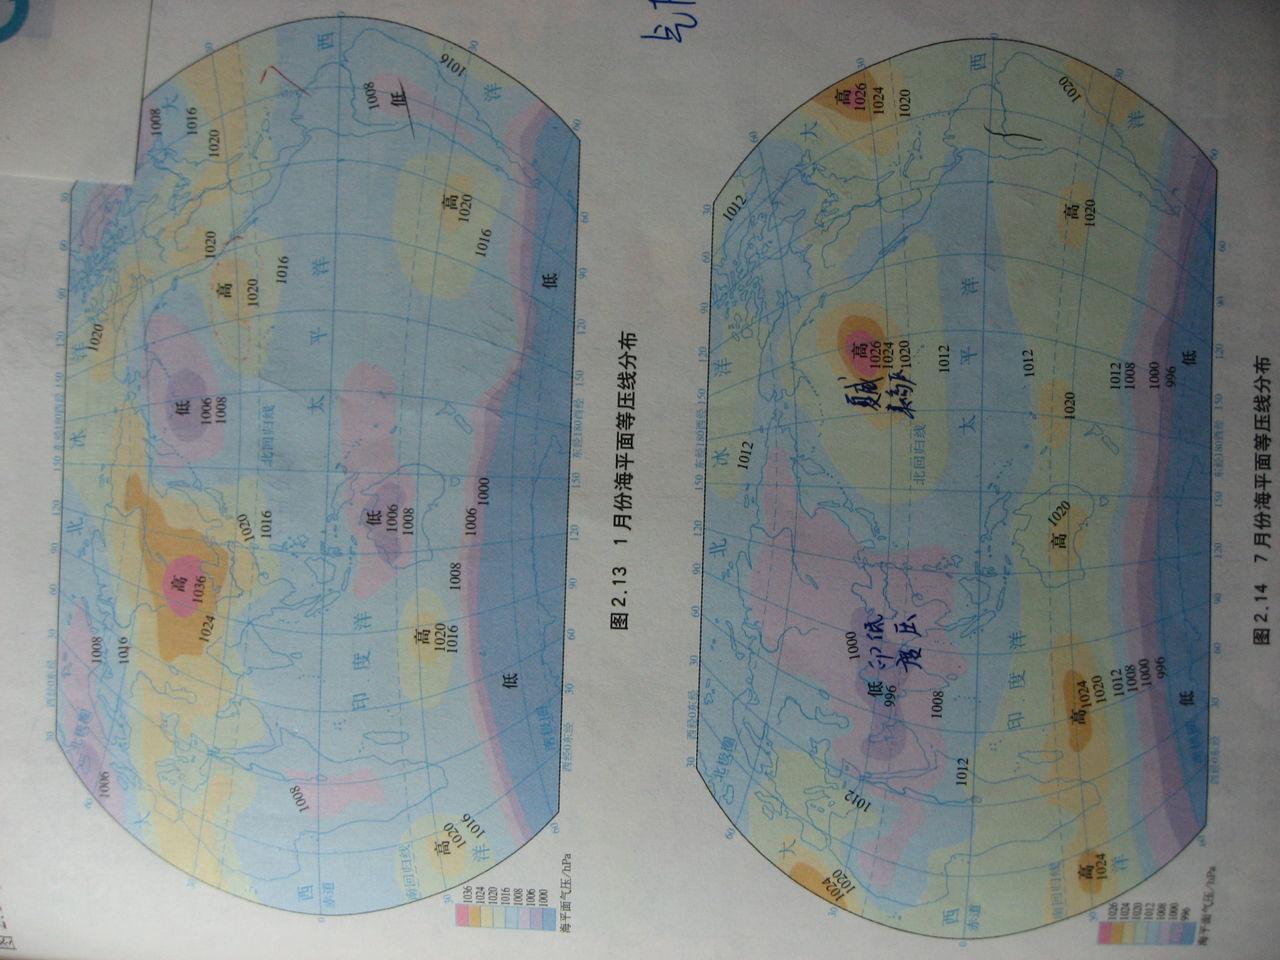 为什么无论是1月还是7月的世界海平面气压分布图片